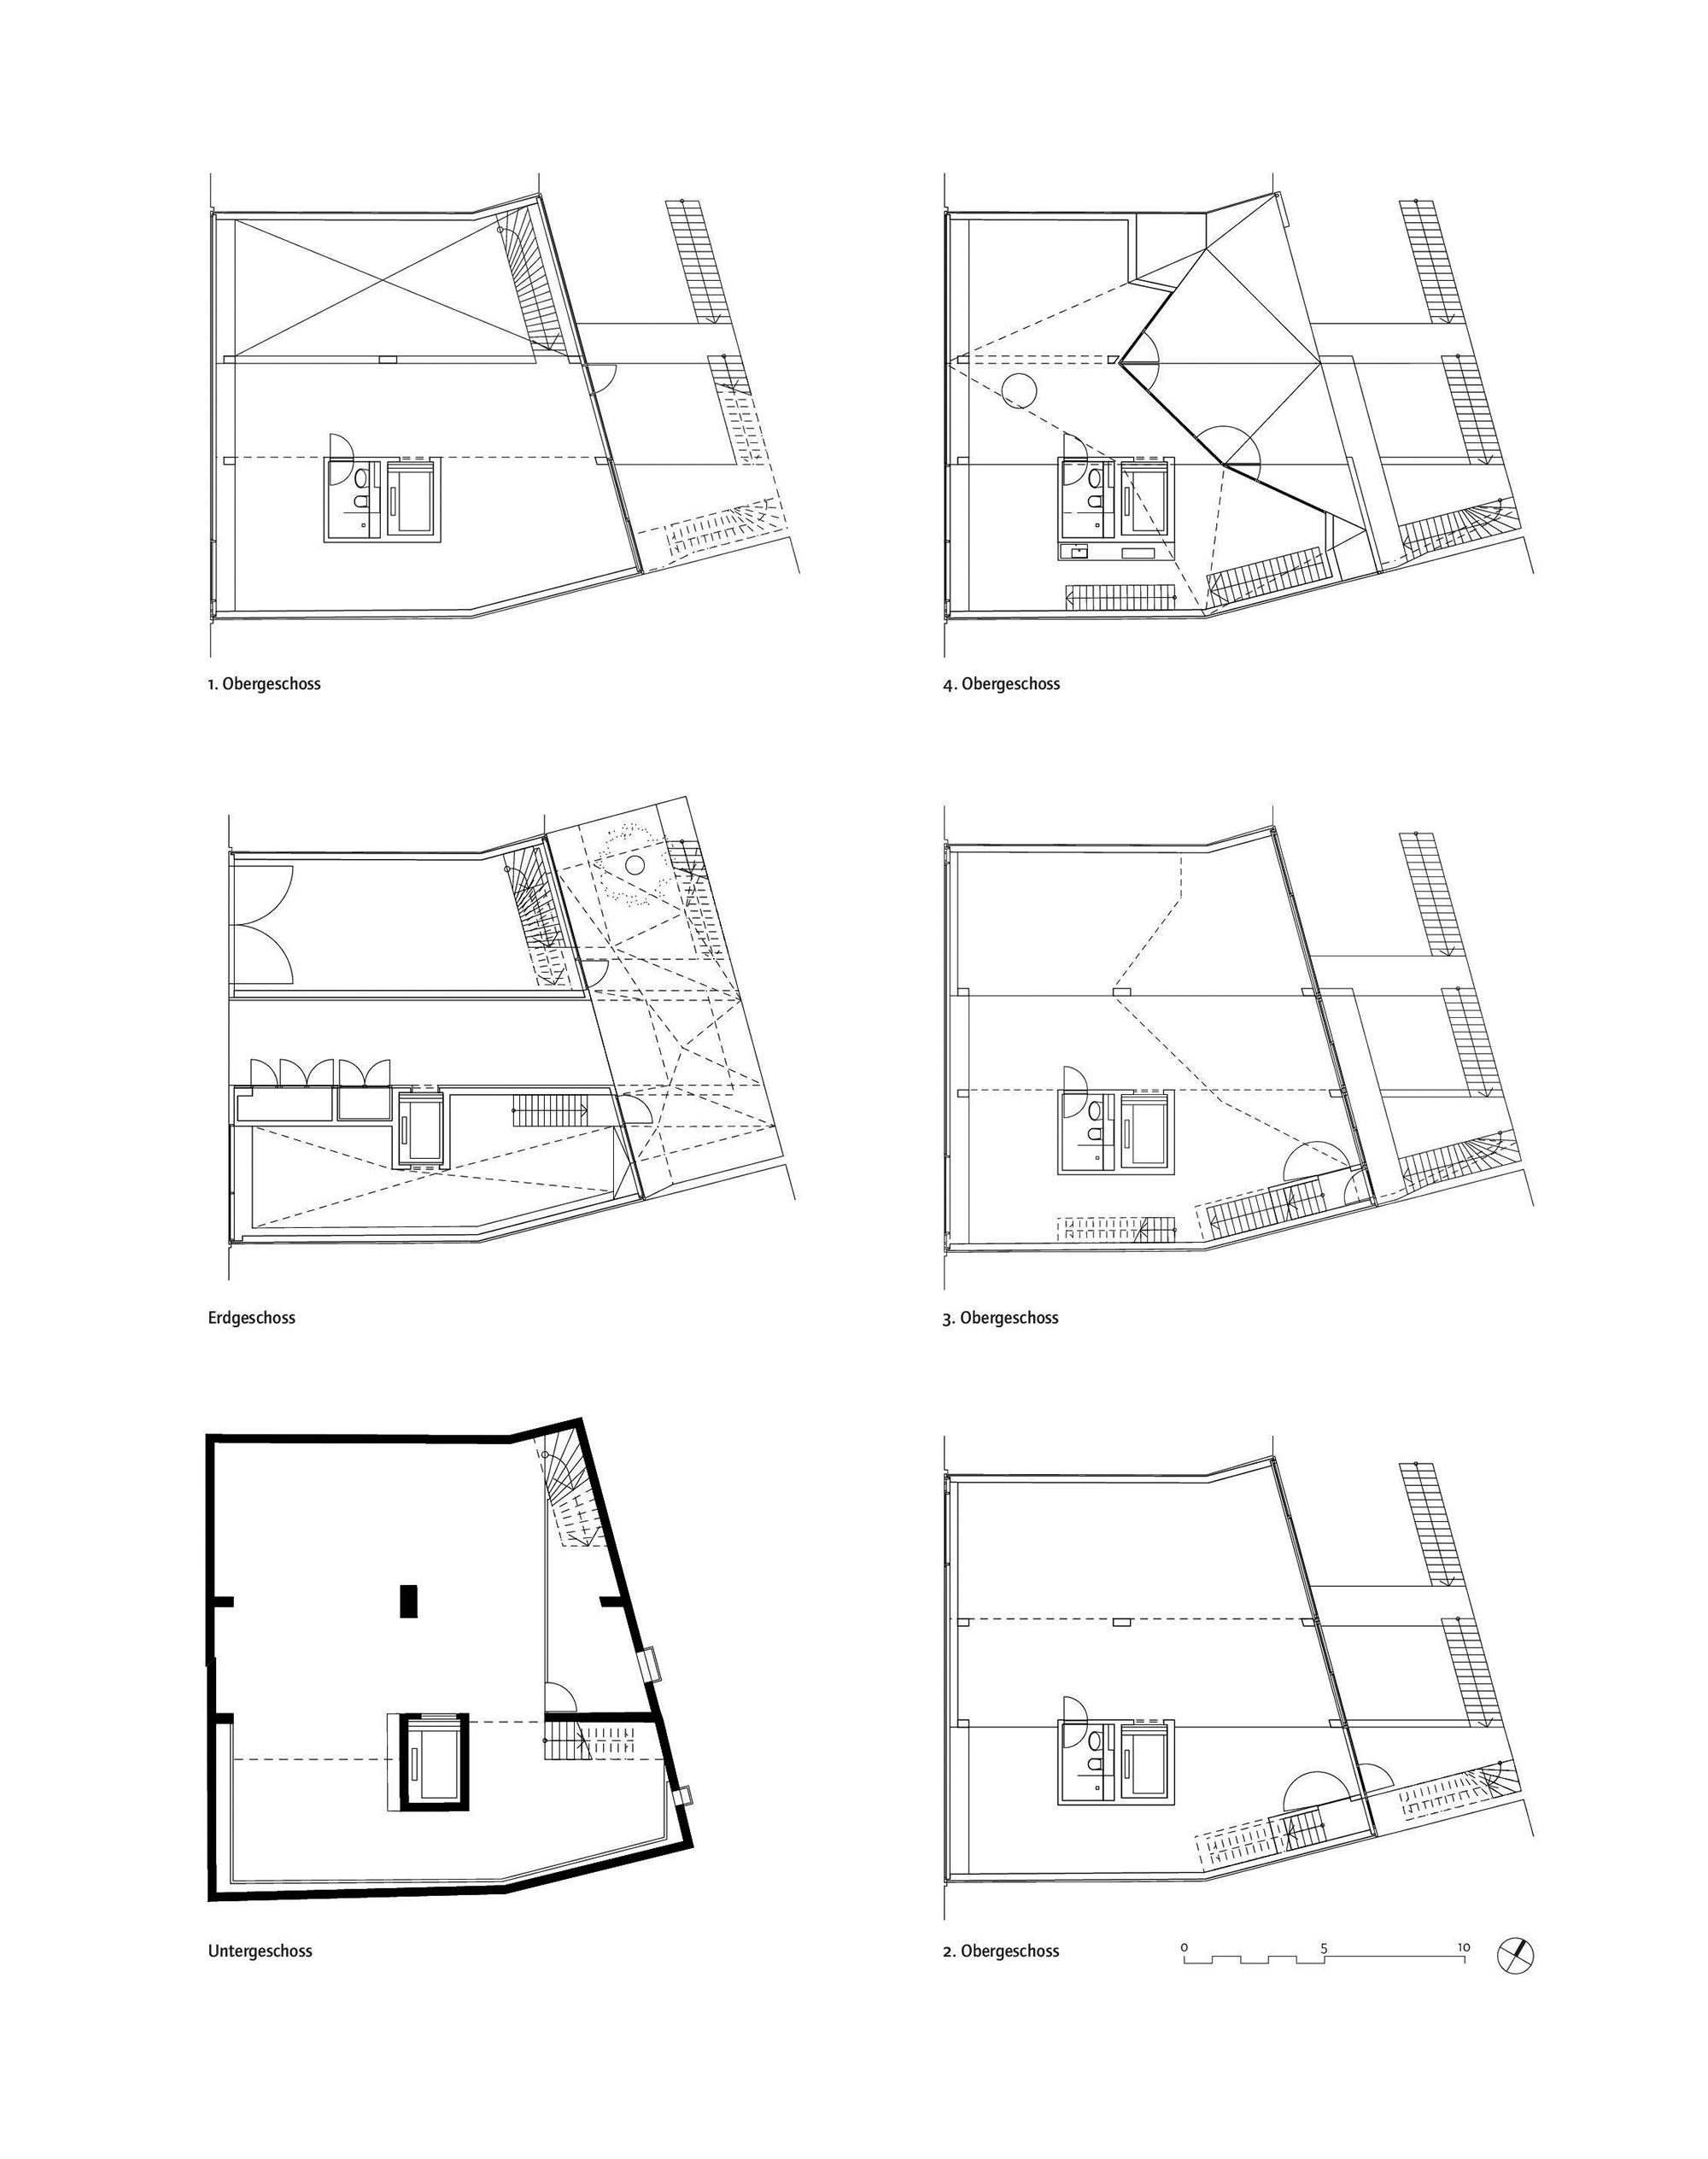 ATLAS-OF-PLACES-BRANDLHUBER-EMDE-BURLON-BRUNNENSTRASSE-GPH-1.jpg